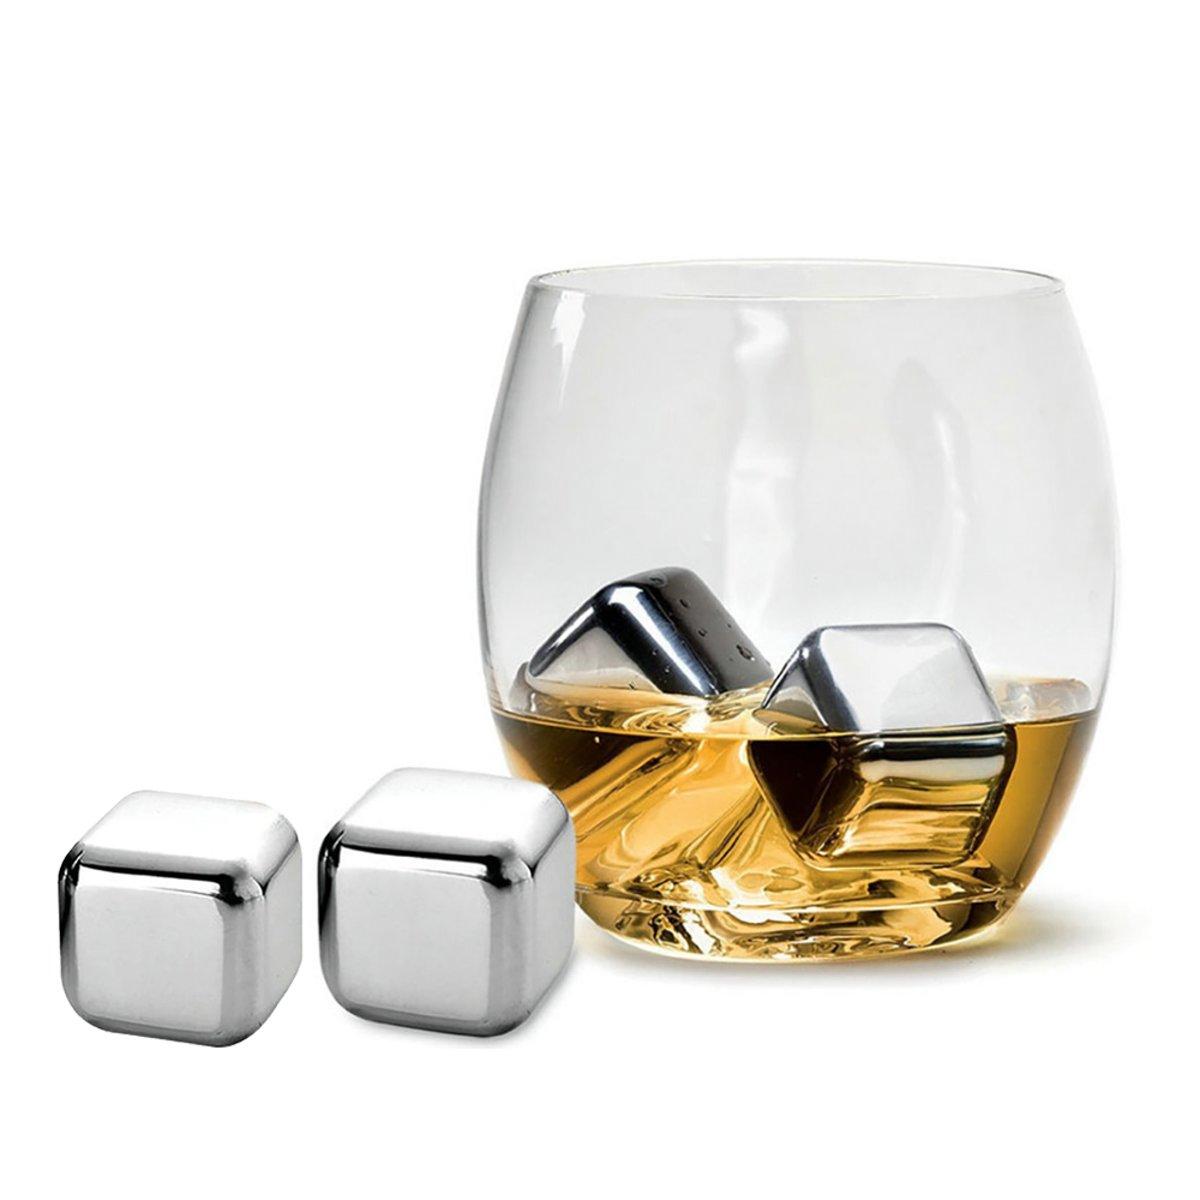 Aretica ijsklontjes chrome set van 4 / Metalen ijsblokjes voor in de vriezer - RVS kopen